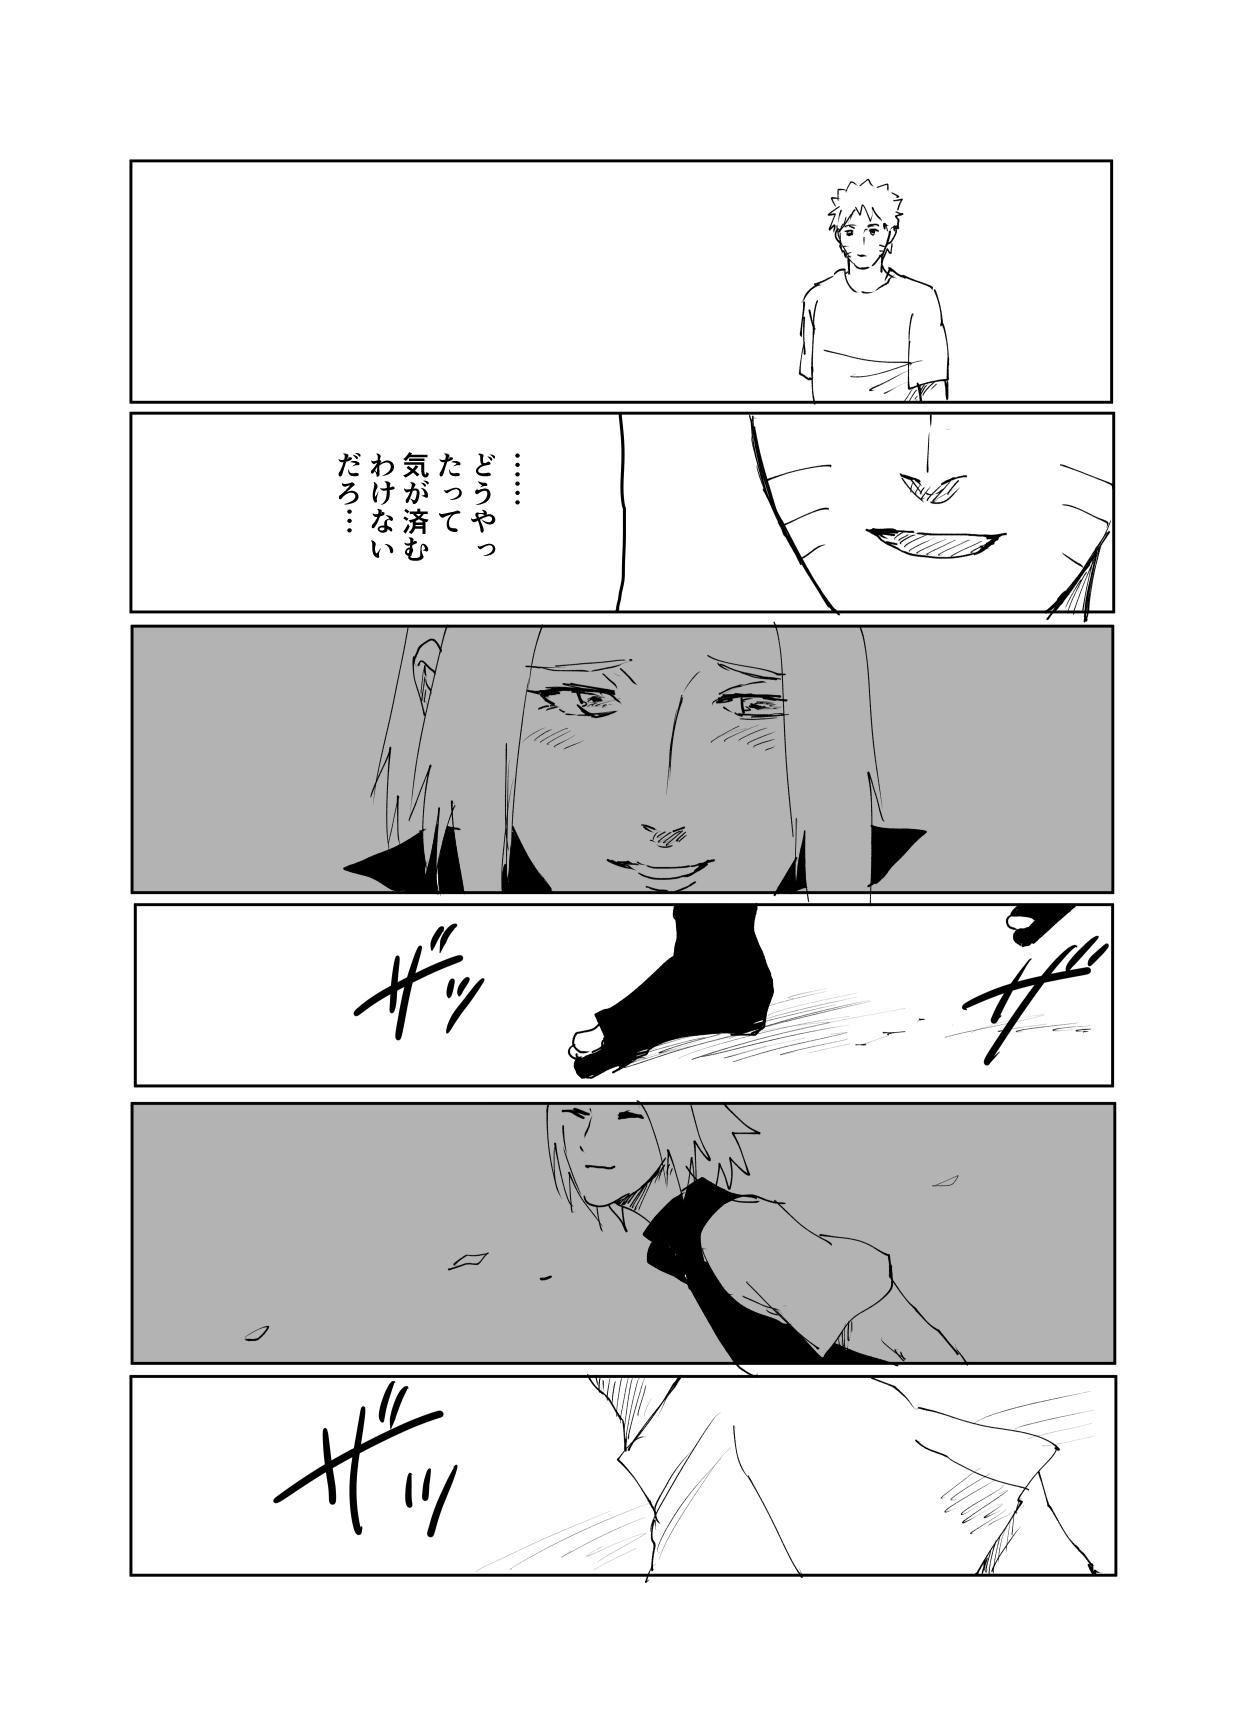 嘘告白漫画 62